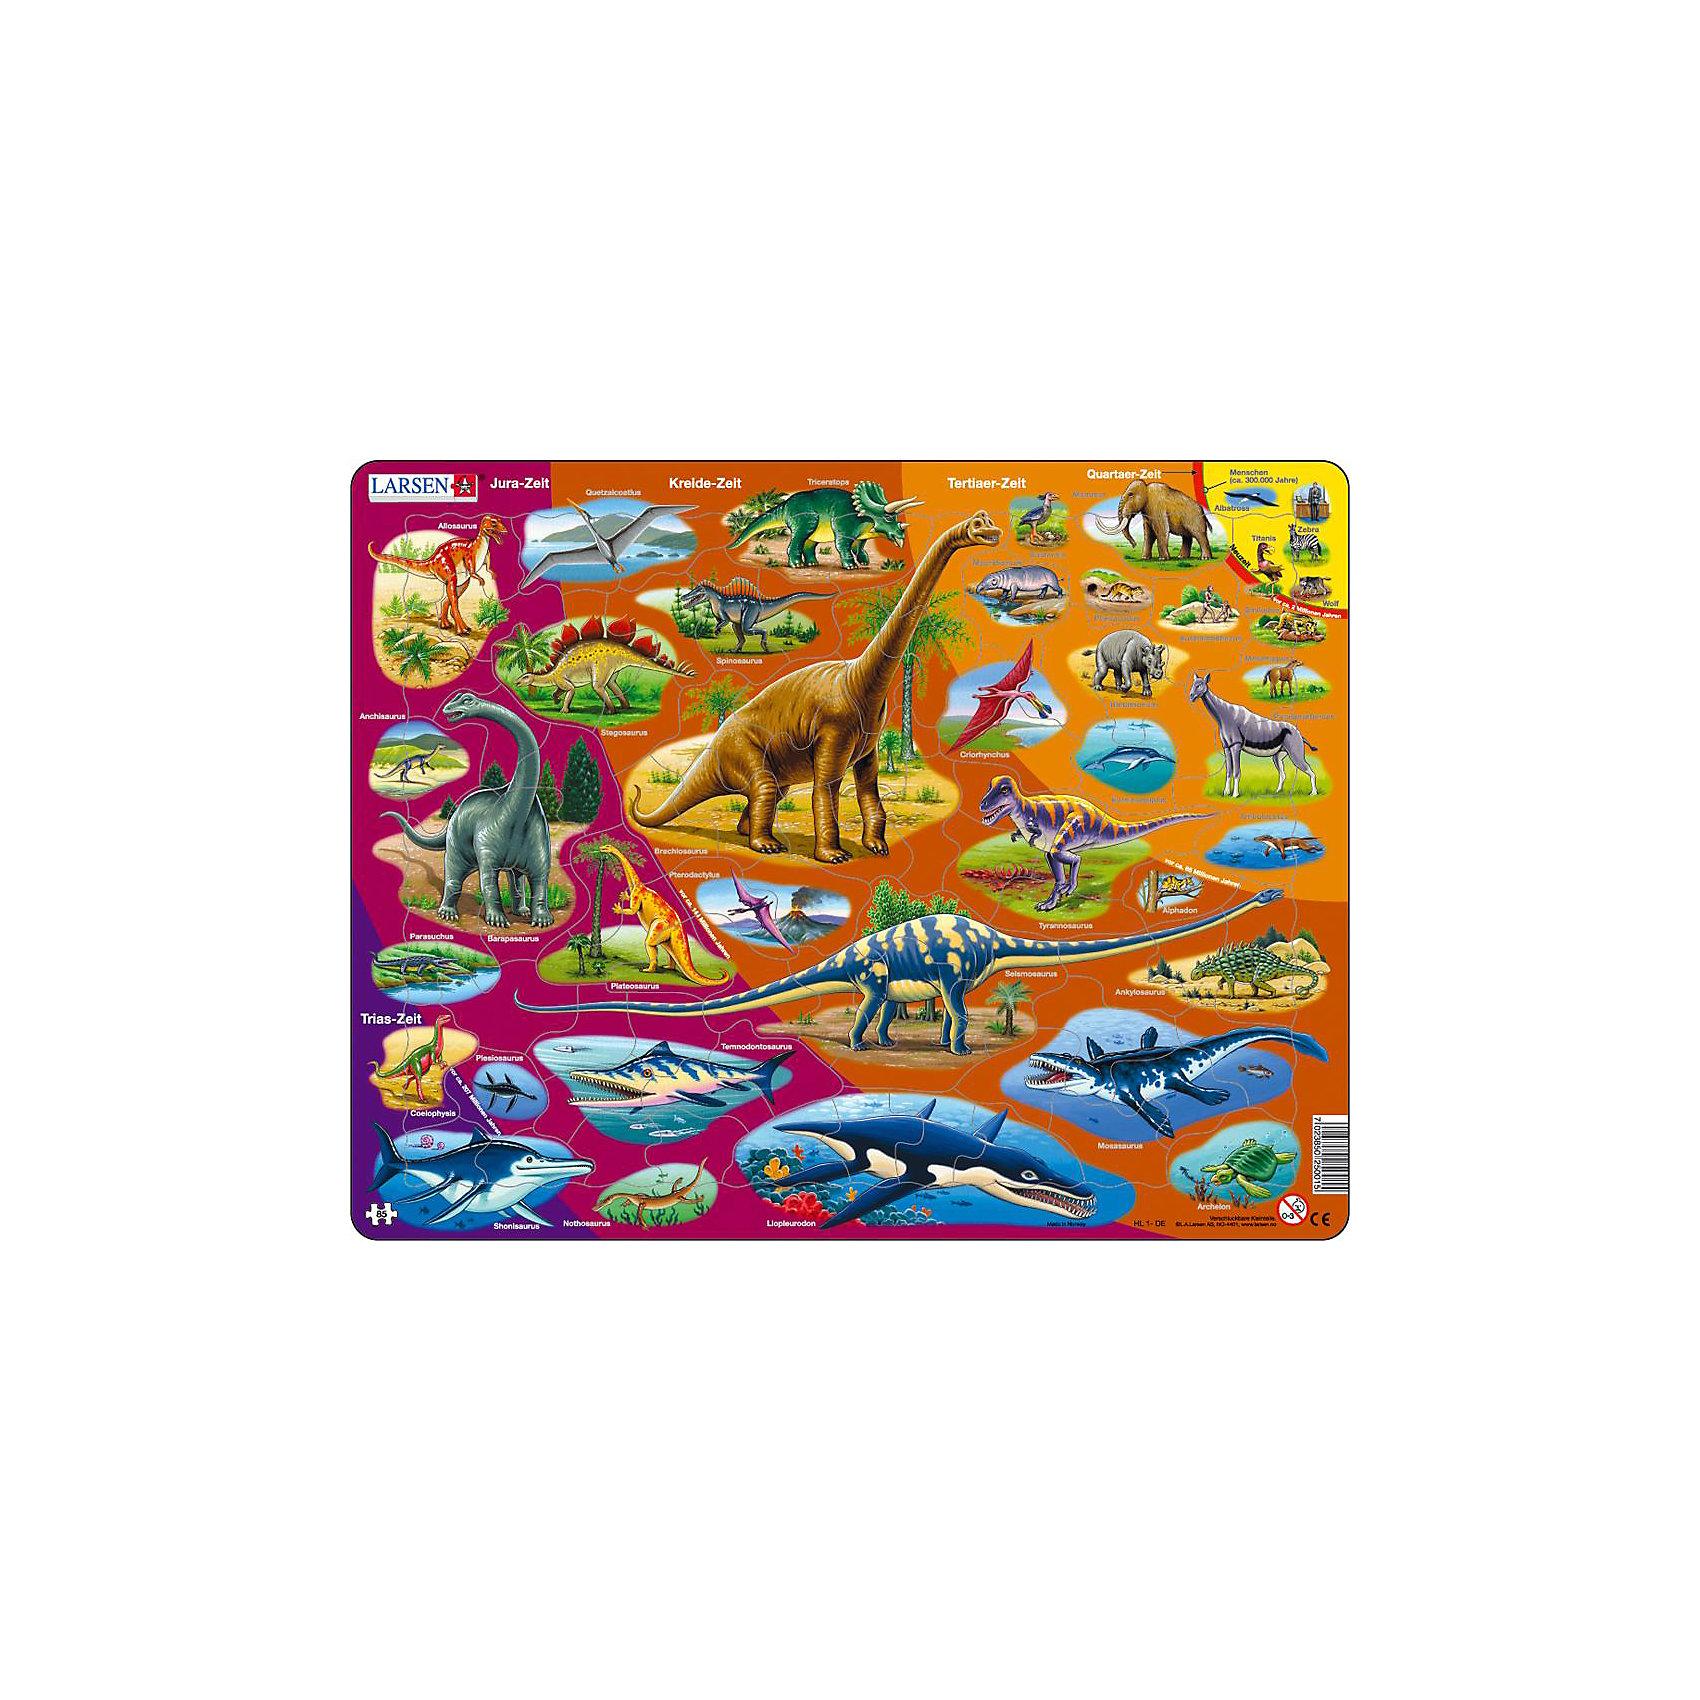 Пазл Динозавры, 85 деталей, LarsenПазл Динозавры, 85 деталей, Larsen (Ларсен) представляет собой настоящее учебное пособие, дающее возможность проследить эволюцию животного мира Земли в хронологическом порядке, начиная с триасового периода до антропогена и наших дней. Каждый период отличается цветом фона (от фиолетового до желтого) и подписан русскими буквами. Малыш познакомится с динозаврами и вымершими рептилиями, а также некоторыми современными животными. Названия всех млекопитающих подписаны на русском языке. Яркое, детальное и красочное изображение самых разных млекопитающих позволит малышу в игровой форме познать теорию эволюции в терминах и картинках. Изготовлен пазл из плотного трехслойного картона, имеет специальную подложку и рамку, которые облегчают процесс сборки. Принцип сборки пазла заключается в использовании принципа совместимости изображений и контуров пазла. Если малыш не сможет совместить детали пазла по рисунку, он сделает это по контуру пазла, вставив его в подложку как вкладыш. Высокое качество материала и печати не допускают износа, расслаивания, деформации деталей и стирания рисунка. Многообразие форм и разные размеры деталей пазла развивают мелкую моторику пальцев. Занятия по сборке пазла развивают образное и логическое мышление, пространственное воображение, память, внимание, усидчивость, координацию движений.<br><br>Дополнительная информация:<br><br>- Количество элементов: 85 деталей<br>- Материал: плотный трехслойный картон<br>- Размер пазла: 36,5 x 28,5 см.<br><br>Пазл Динозавры, 85 деталей, Larsen (Ларсен) можно купить в нашем интернет-магазине.<br><br>Ширина мм: 365<br>Глубина мм: 286<br>Высота мм: 7<br>Вес г: 317<br>Возраст от месяцев: 60<br>Возраст до месяцев: 84<br>Пол: Мужской<br>Возраст: Детский<br>Количество деталей: 85<br>SKU: 1604373